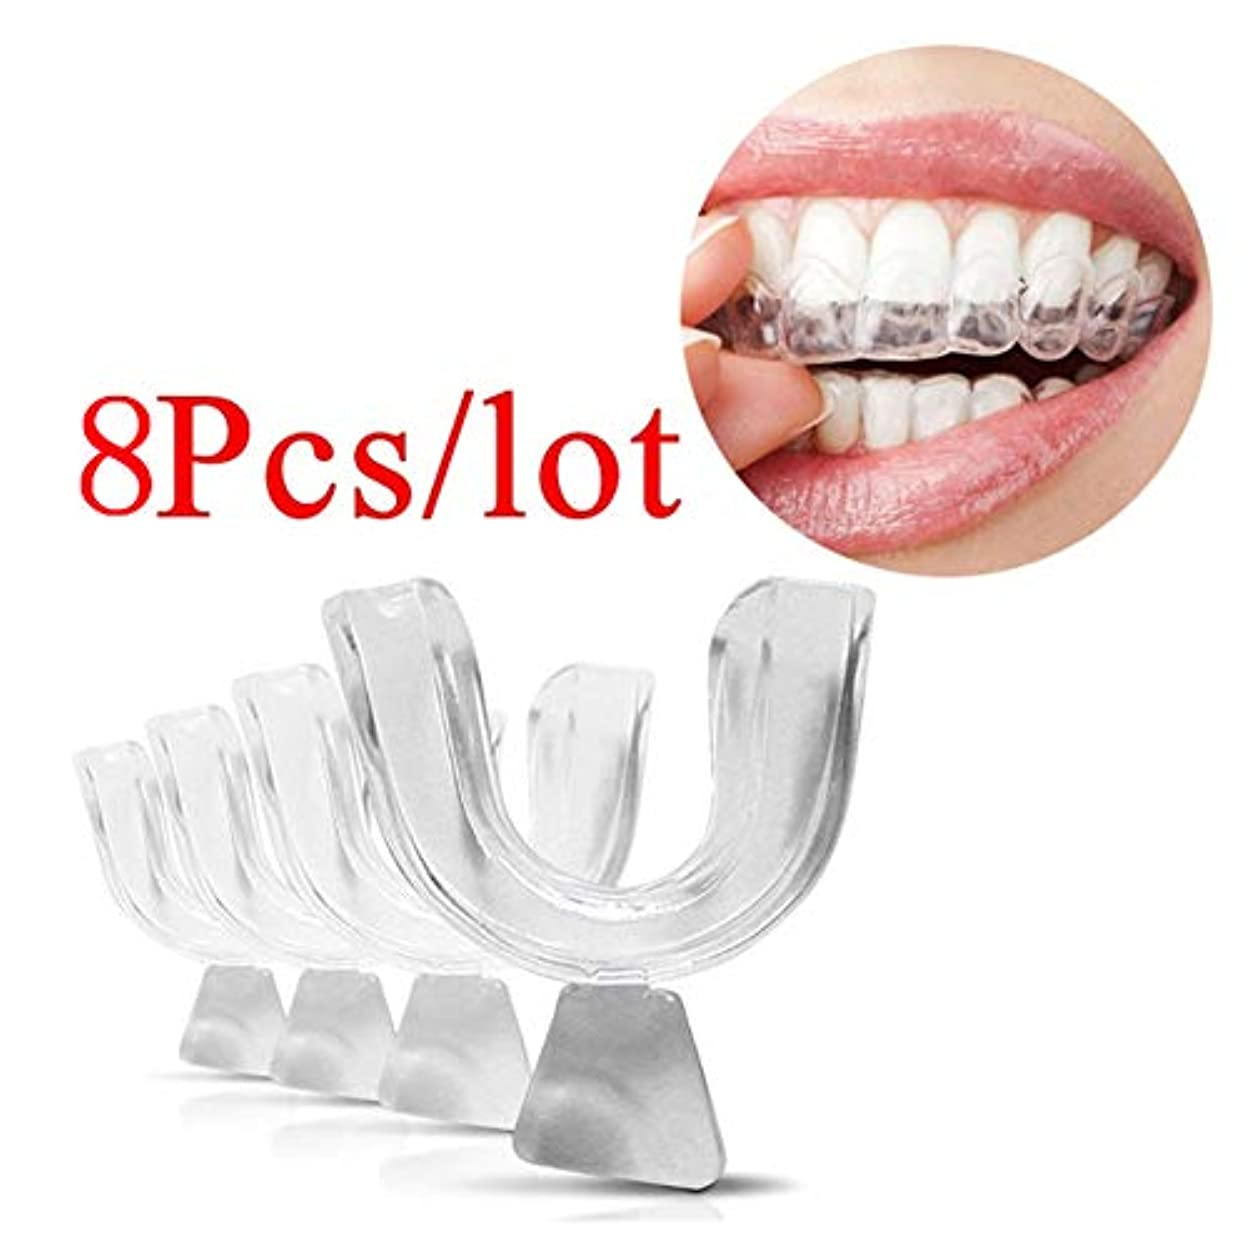 プレビューフォームウィスキー8Pcs 食品等級を白くする口の皿の透明なThermoformの成形可能な歯科歯の口の歯